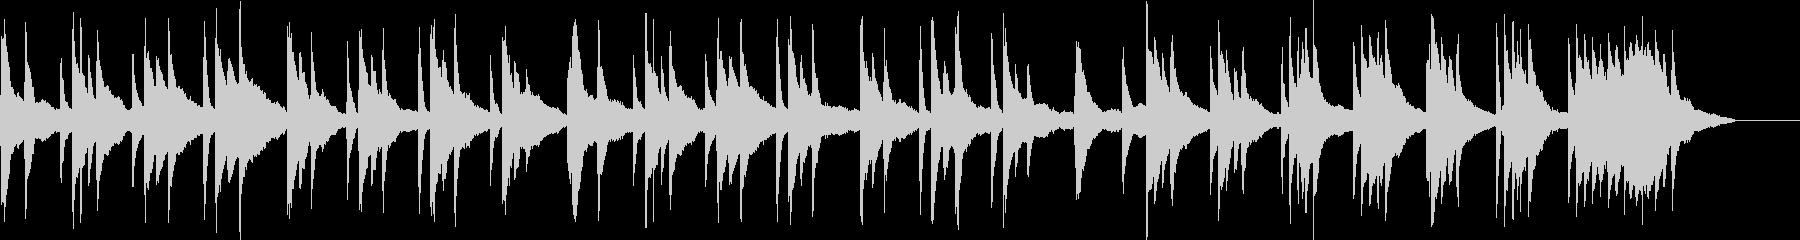 静かな雰囲気のピアノ曲の未再生の波形